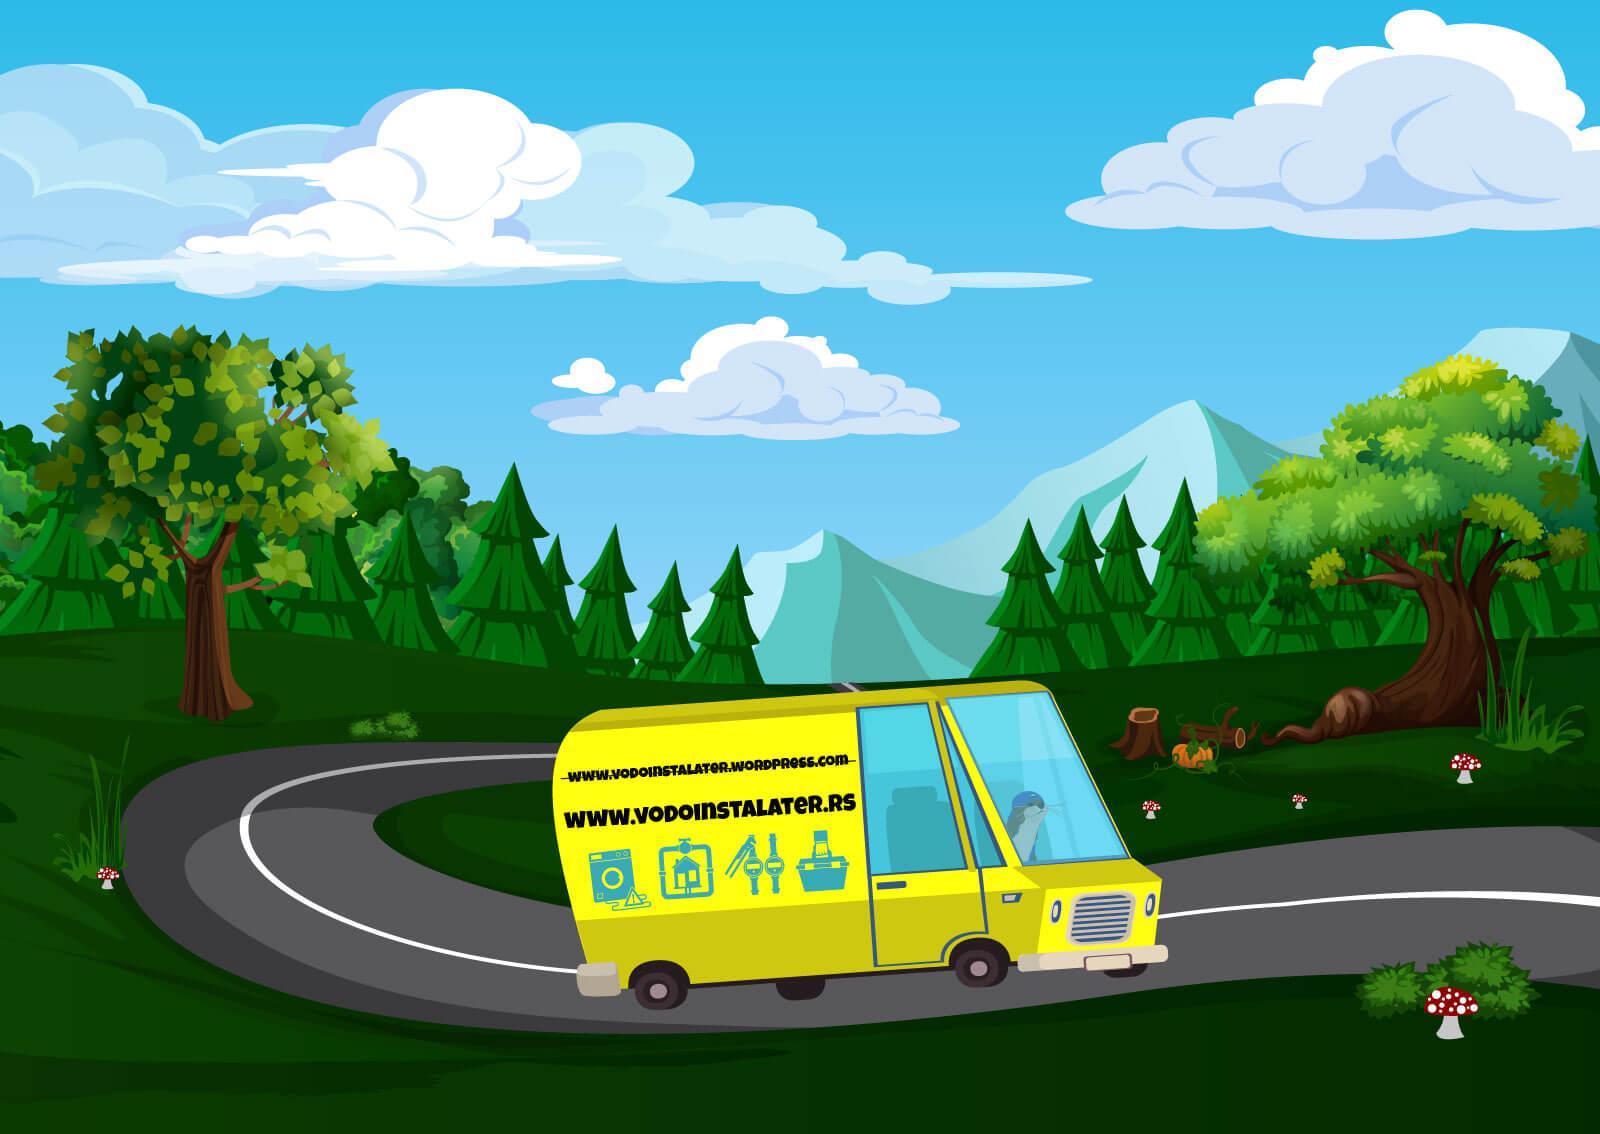 Ilustracija vidre koja vozi žuti kombi kroz digitalnu šumu a na kombiju piše ispravan domen